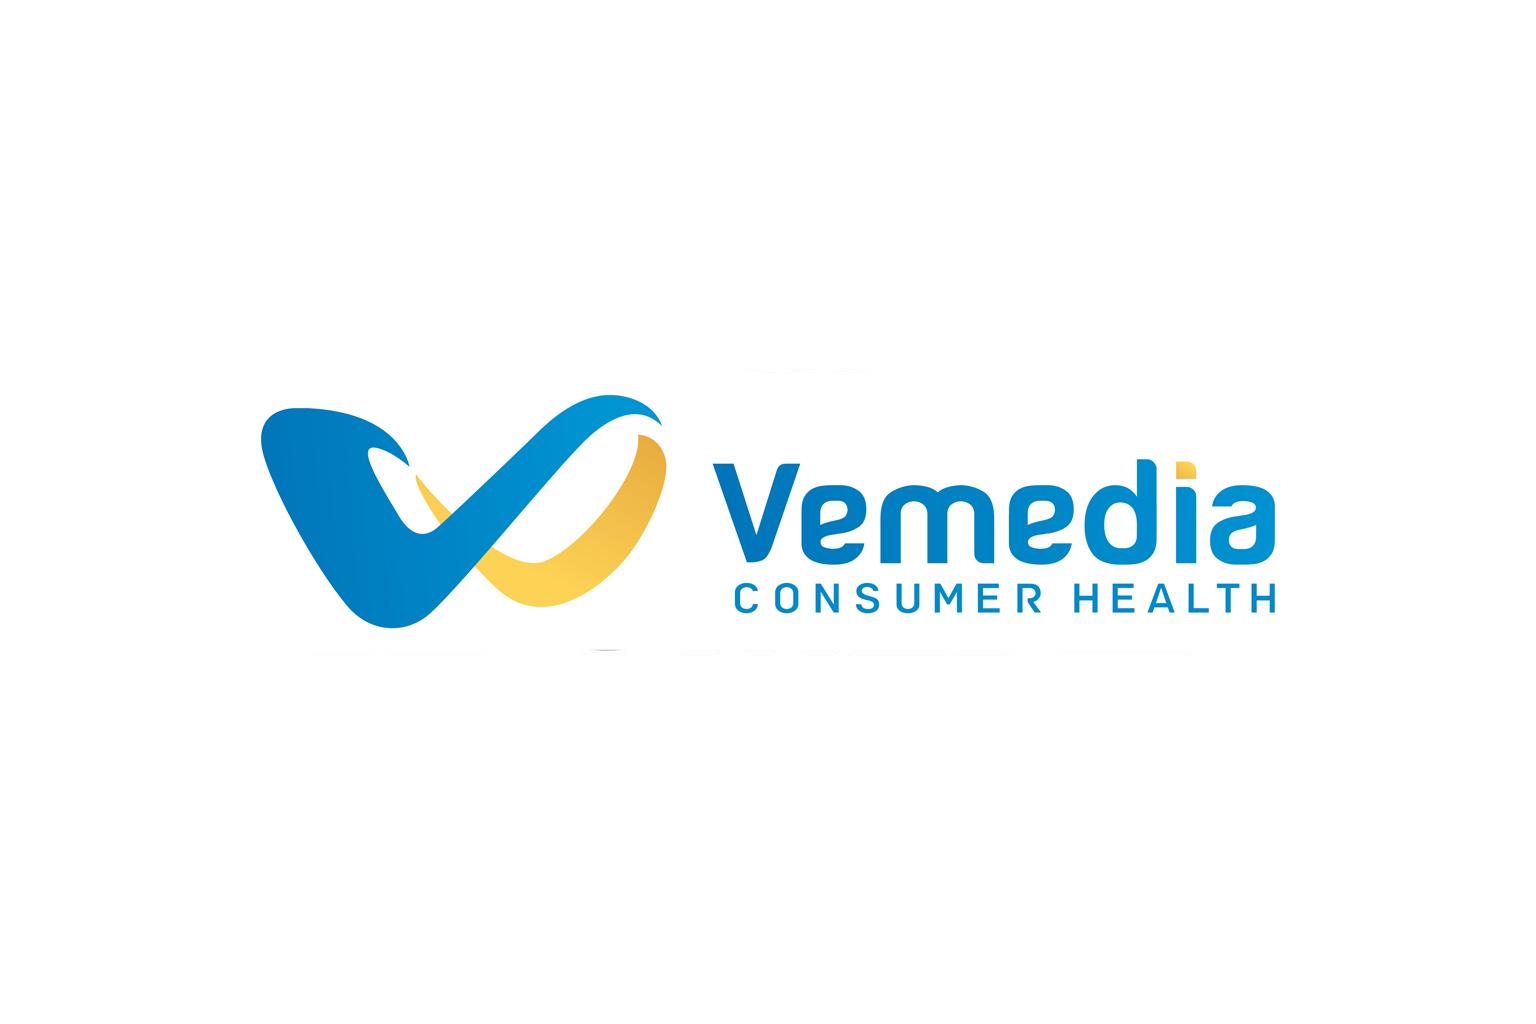 Vemedia